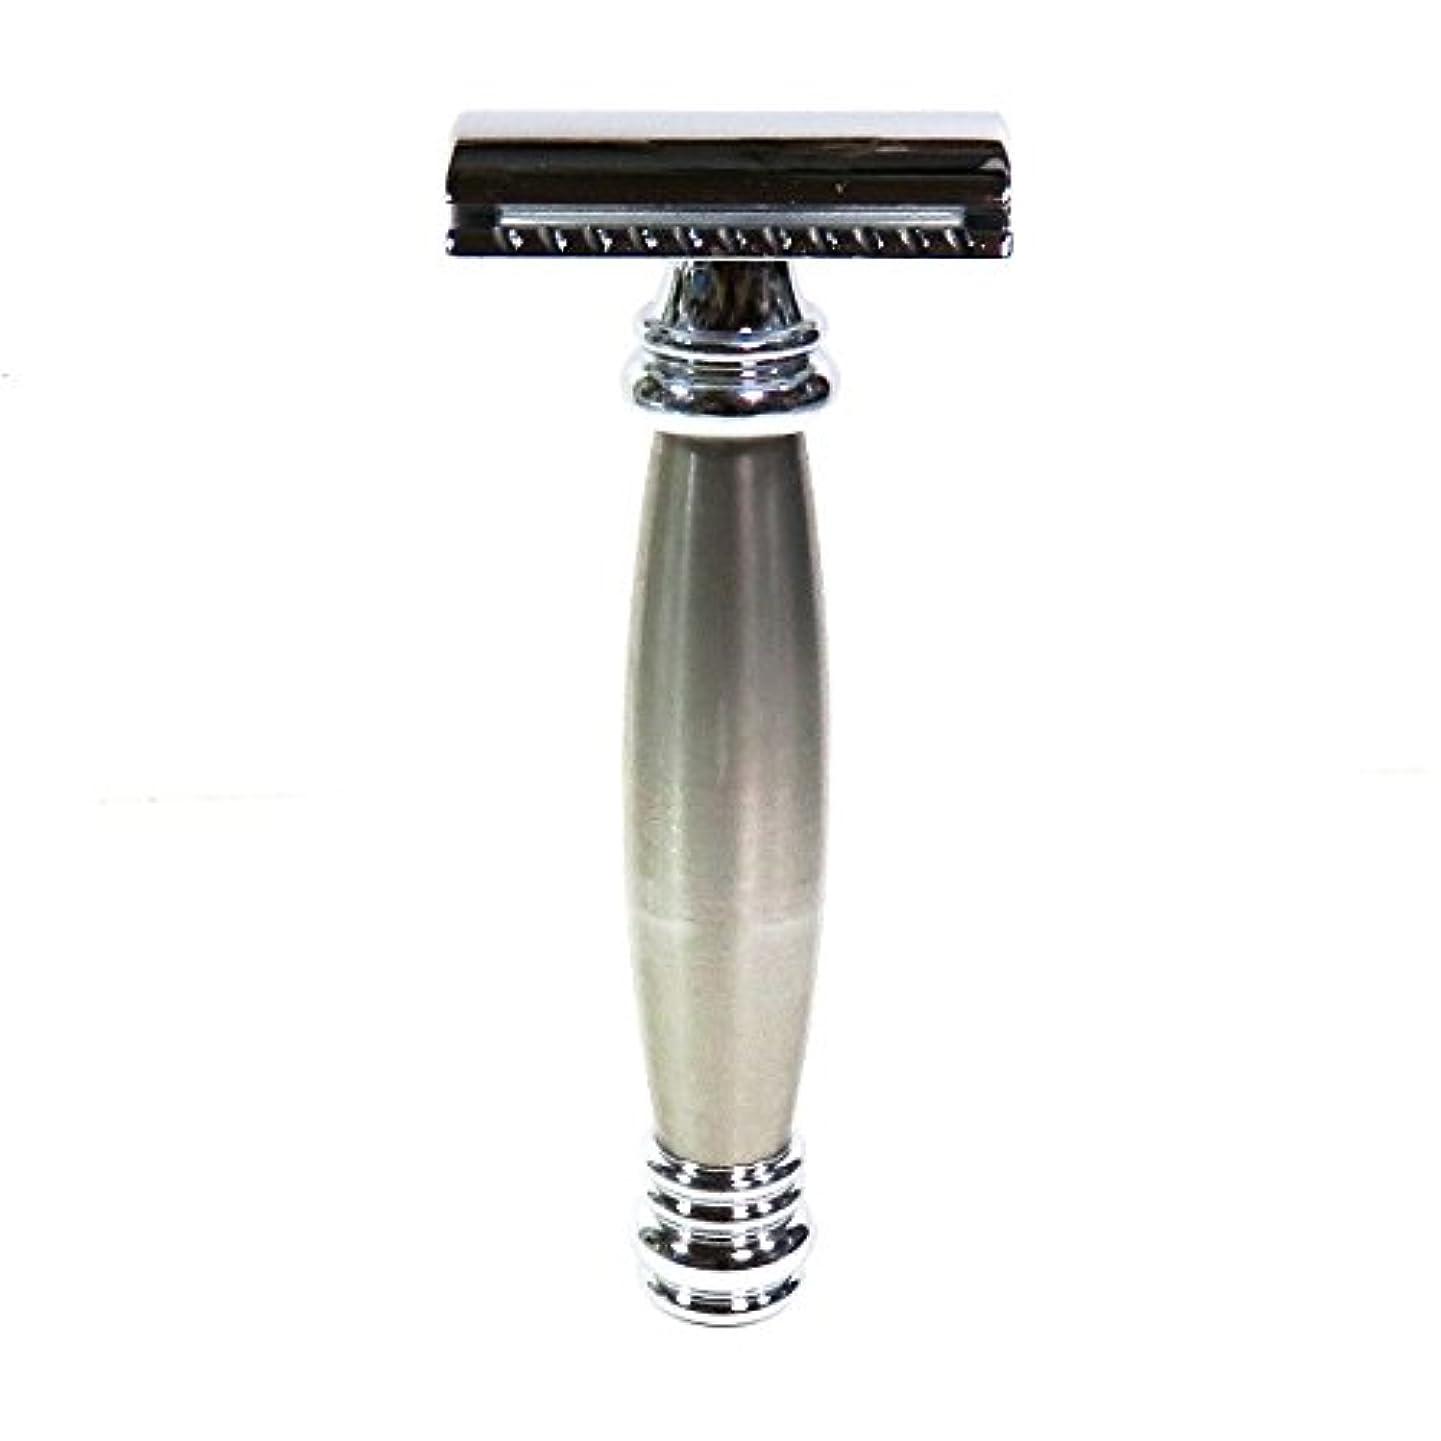 高潔な降雨ライオンメルクールMERKUR(独)髭剃り(ひげそり)両刃ホルダー43002 流線型重厚グリップ